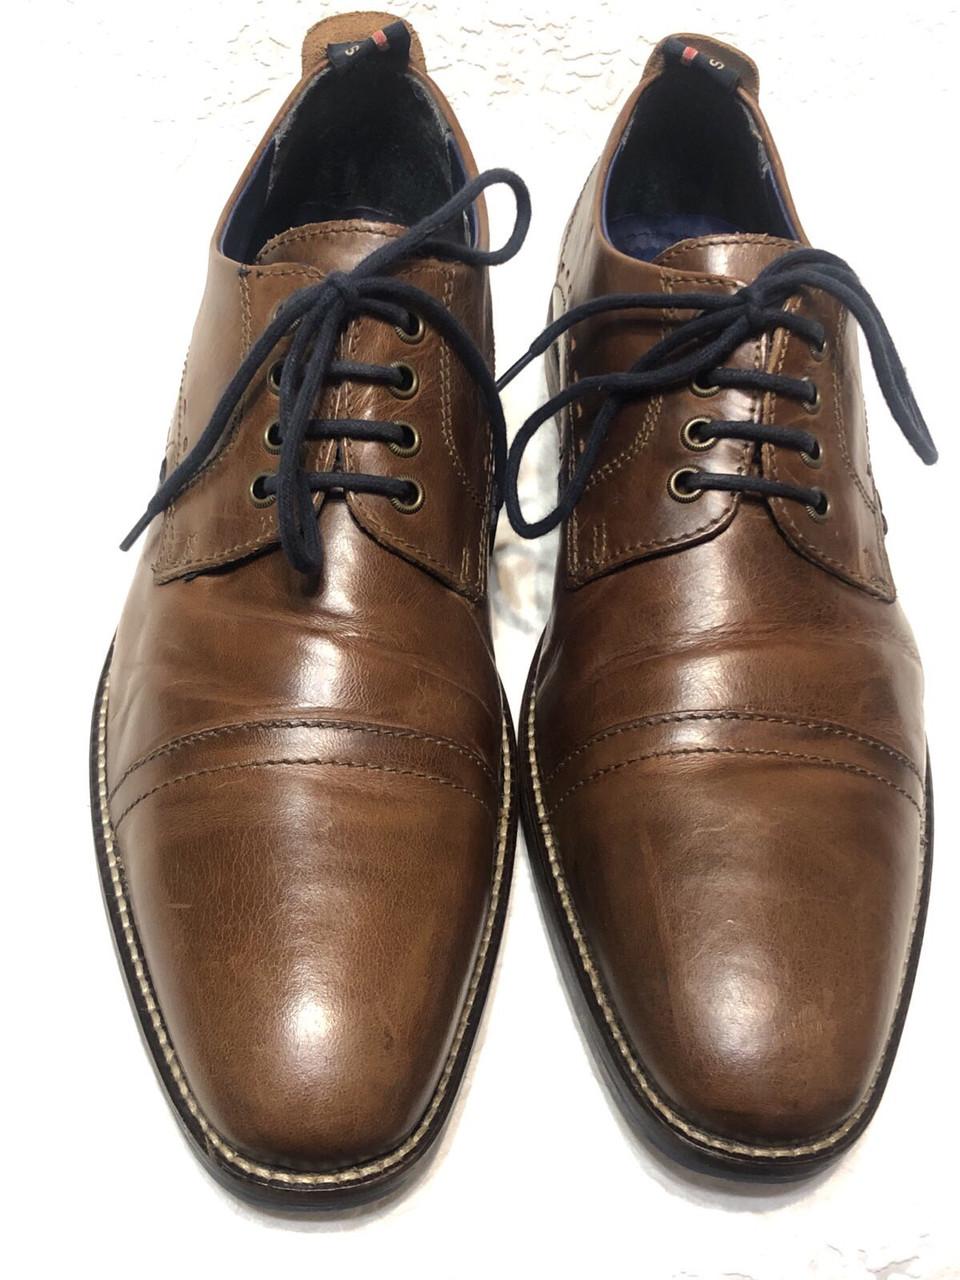 Чоловічі шкіряні туфлі 43 розміру